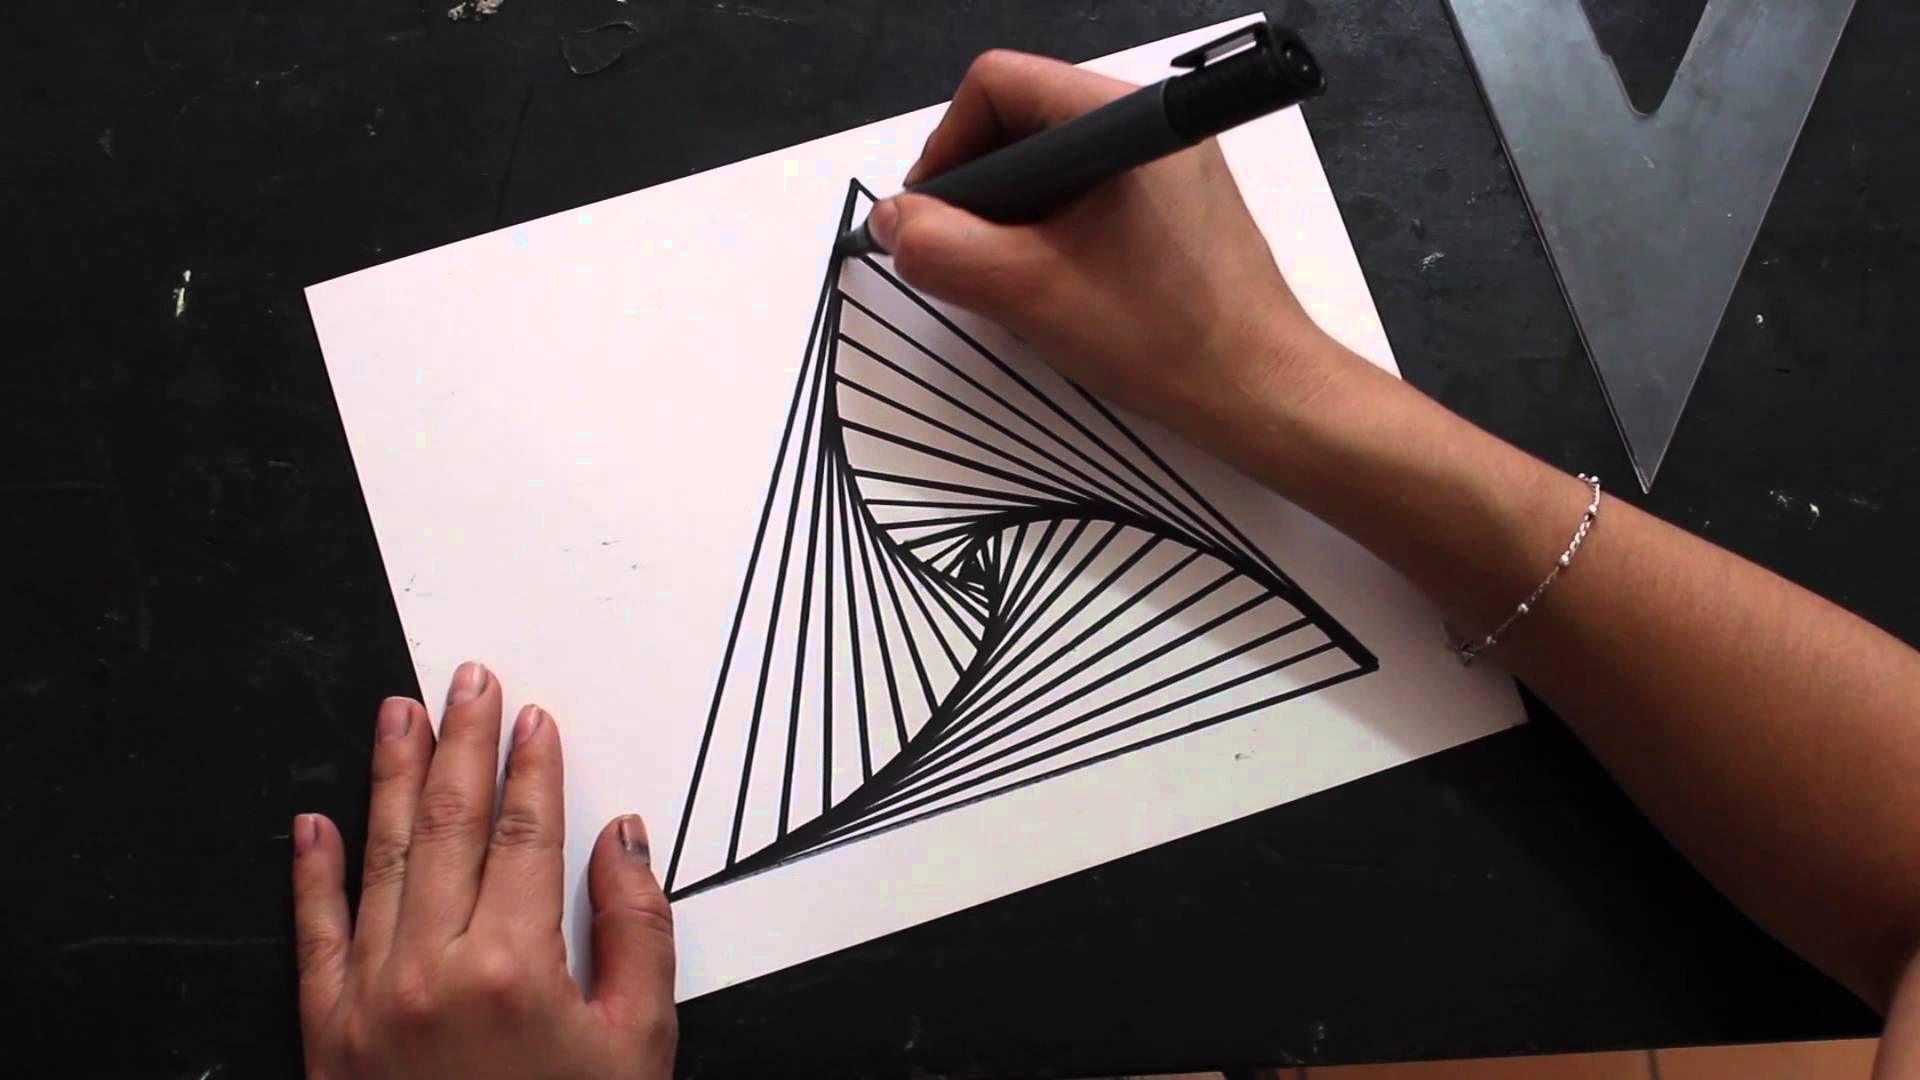 El Op Art Es Un Movimiento Artistico Nacido En Estados Unidos A Mediados De Los 60 X60 S Que Hace Uso De Las Arte Optico Imagenes De Arte Imagenes Abstractas